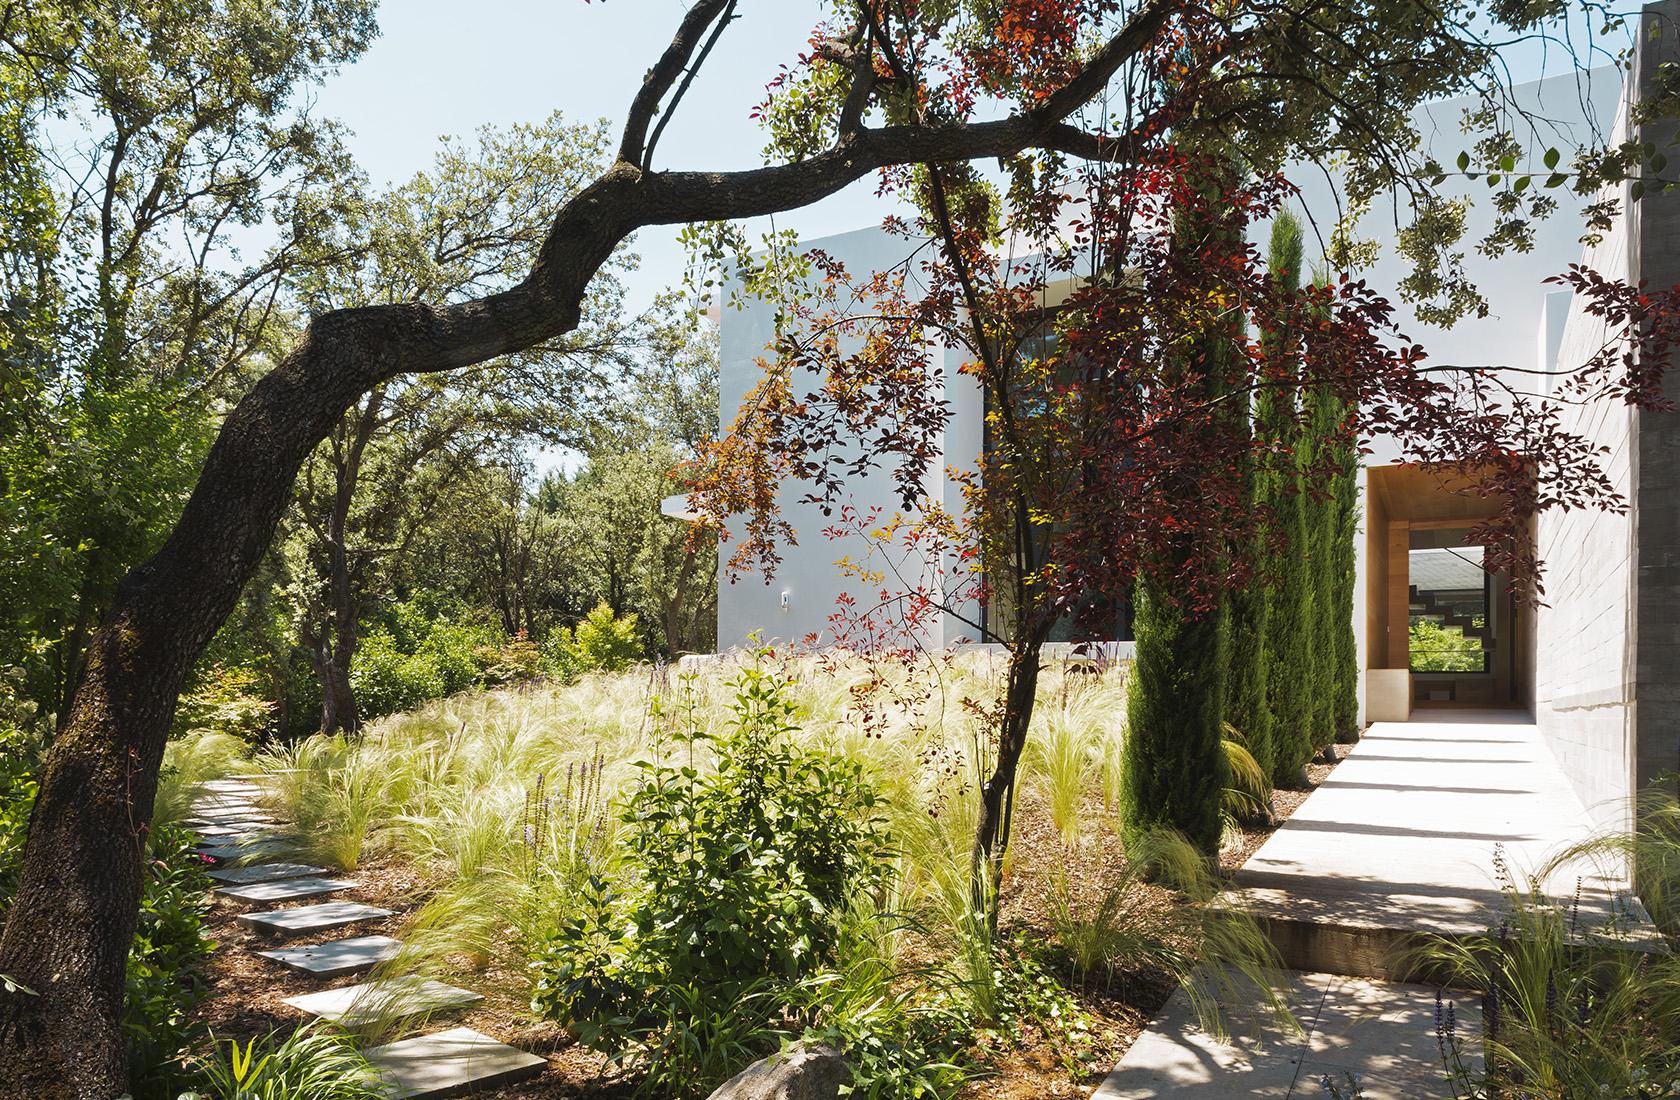 Vista general del paisajismo en el jardín realizado por ÁBATON para la Casa CH